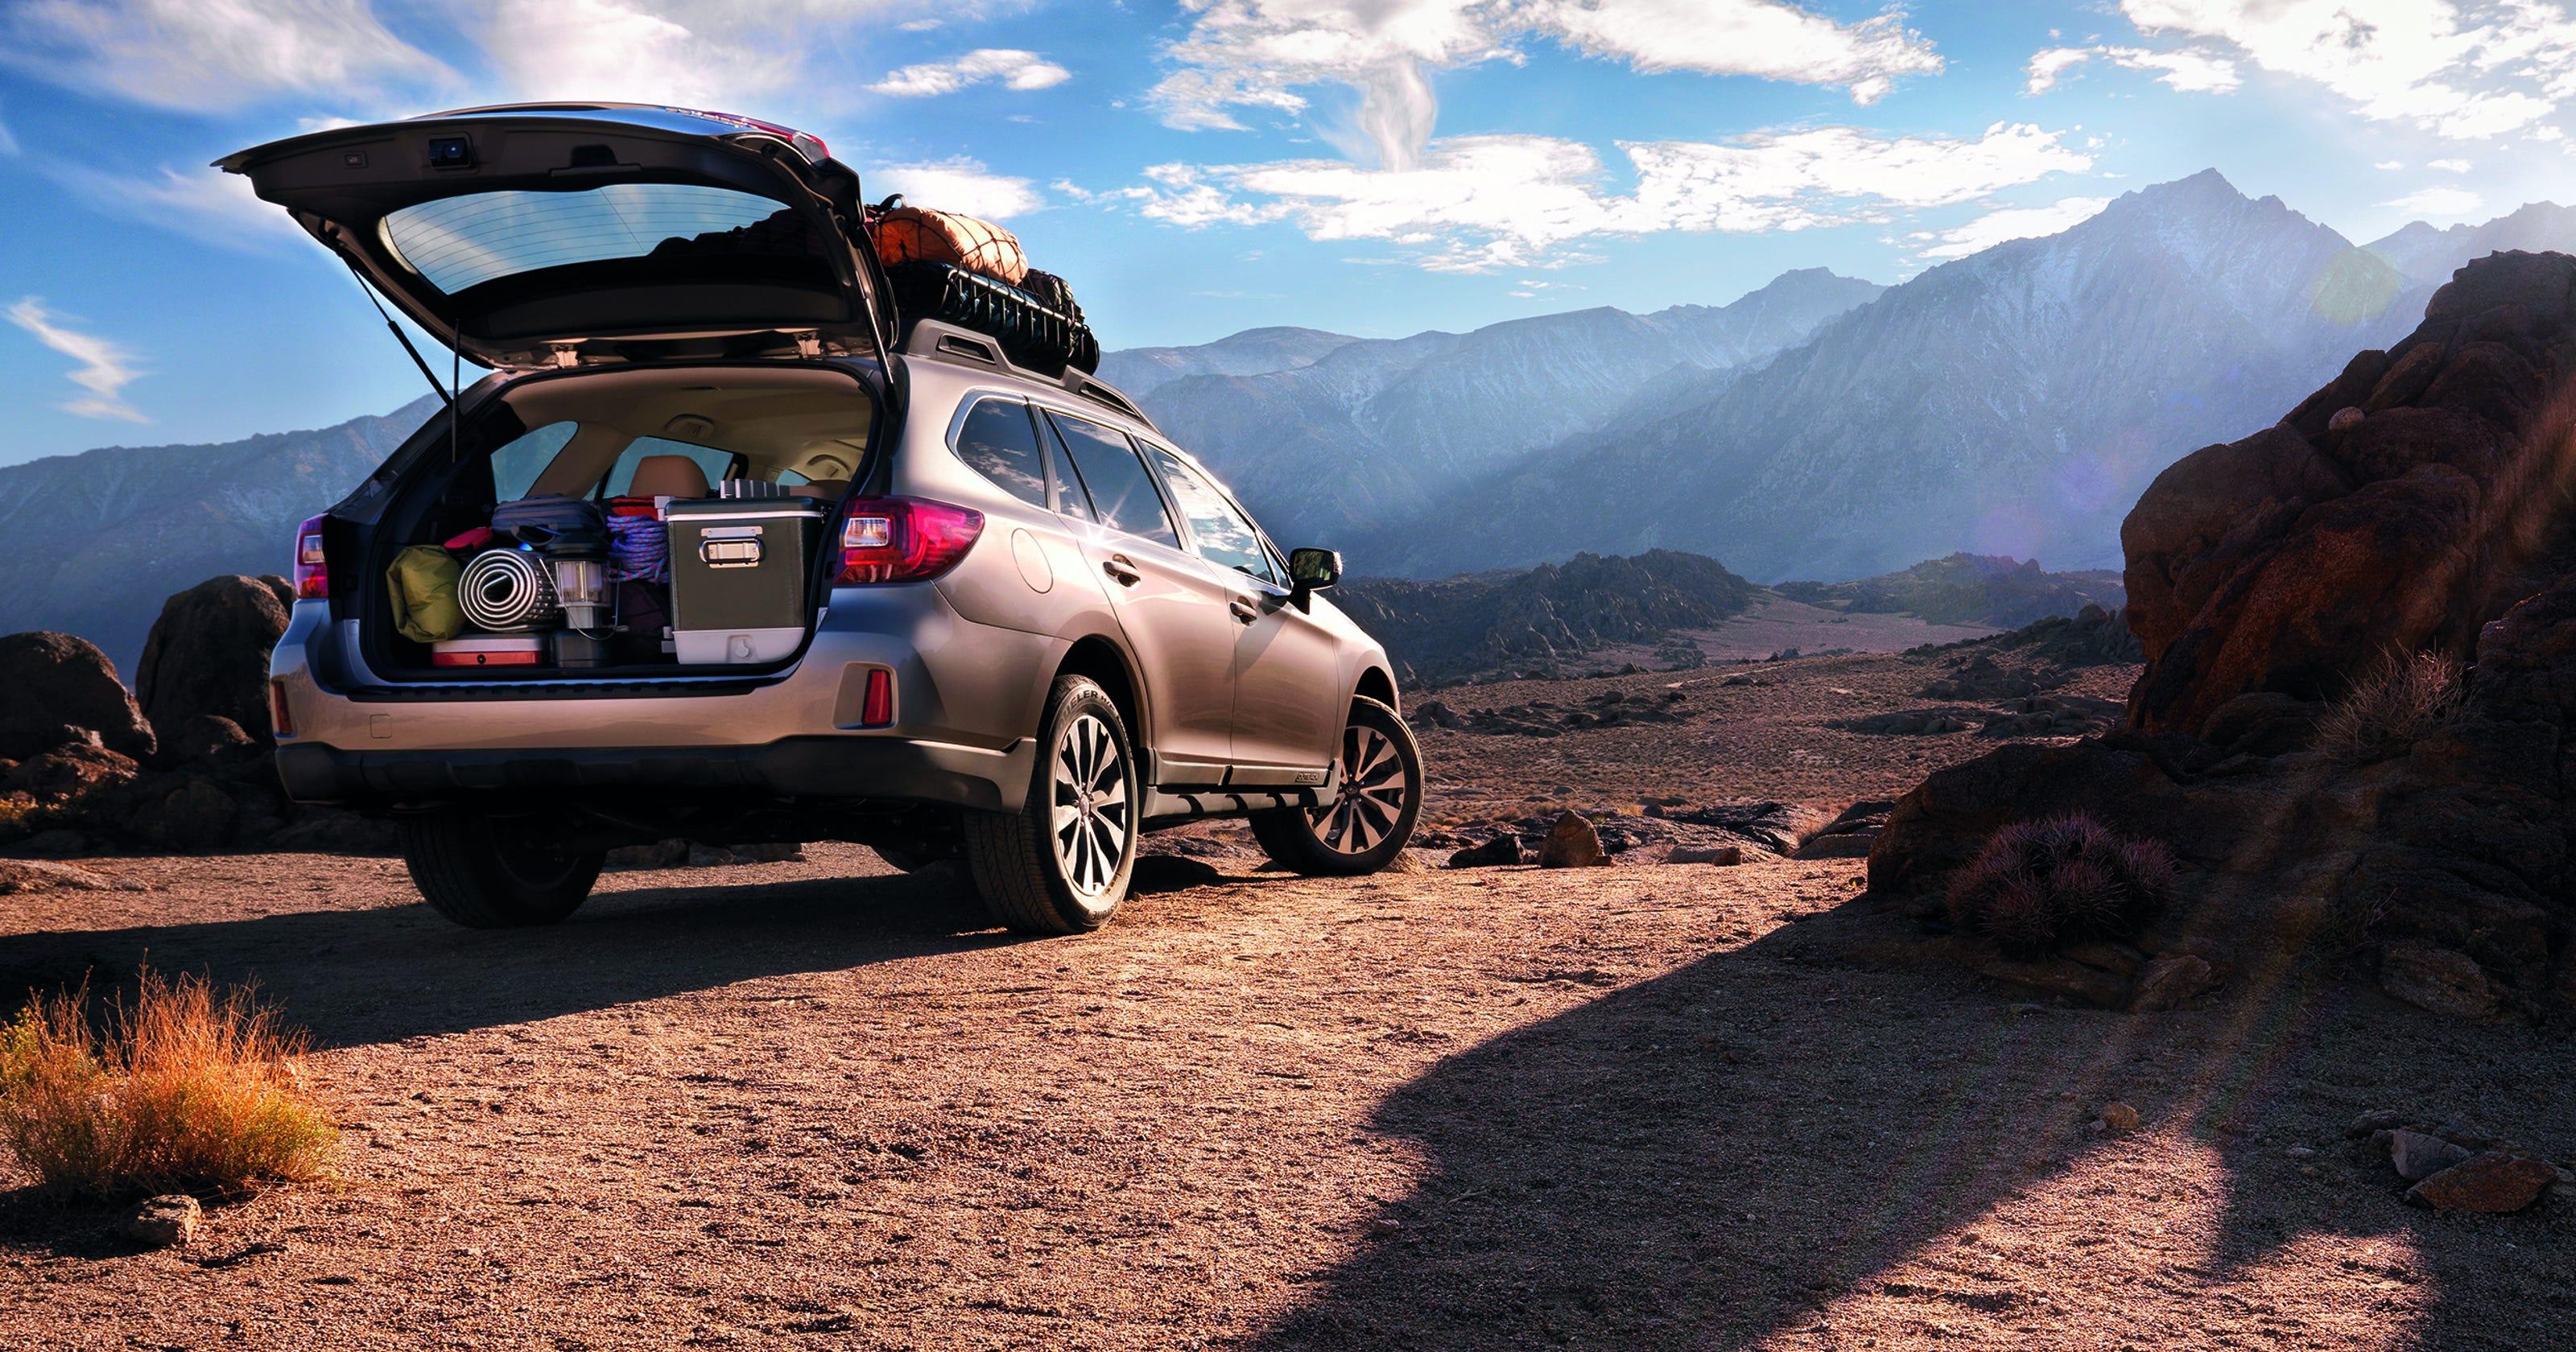 2015 Subaru Outback: great mpg, driving behavior